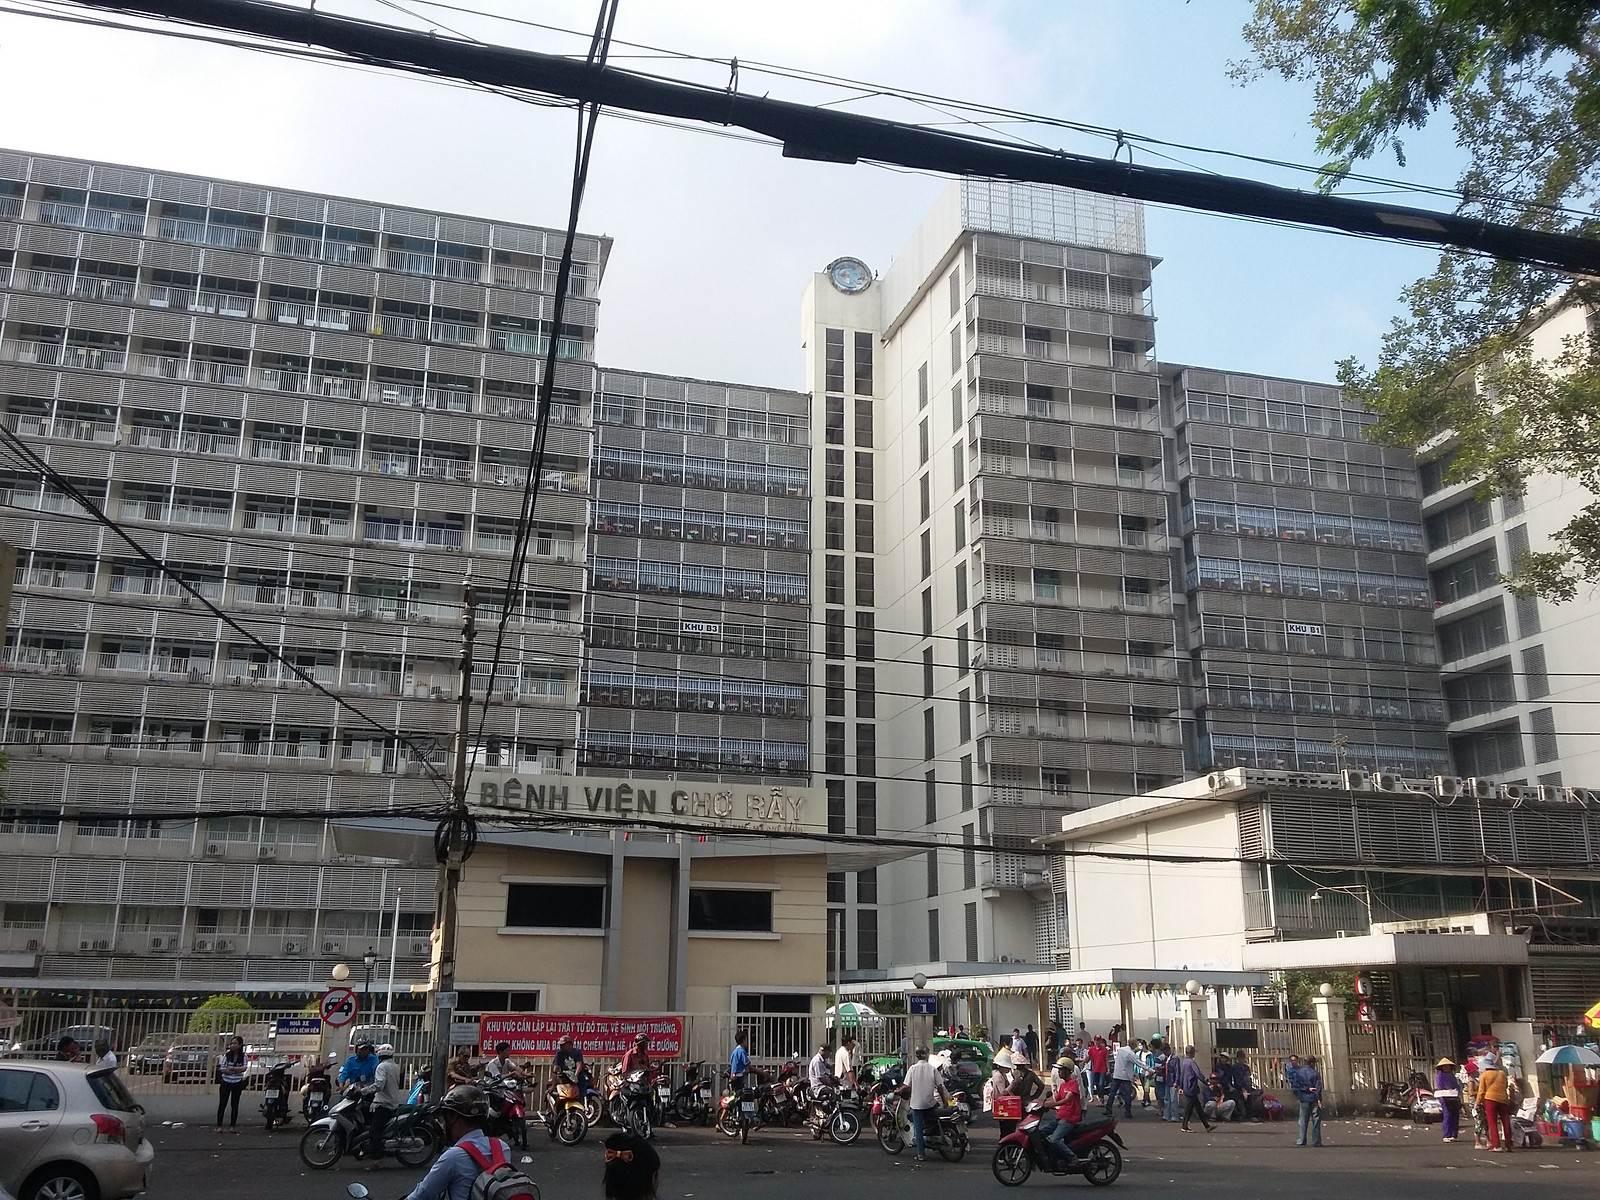 Bệnh viện Chợ Rẫy ngày nay